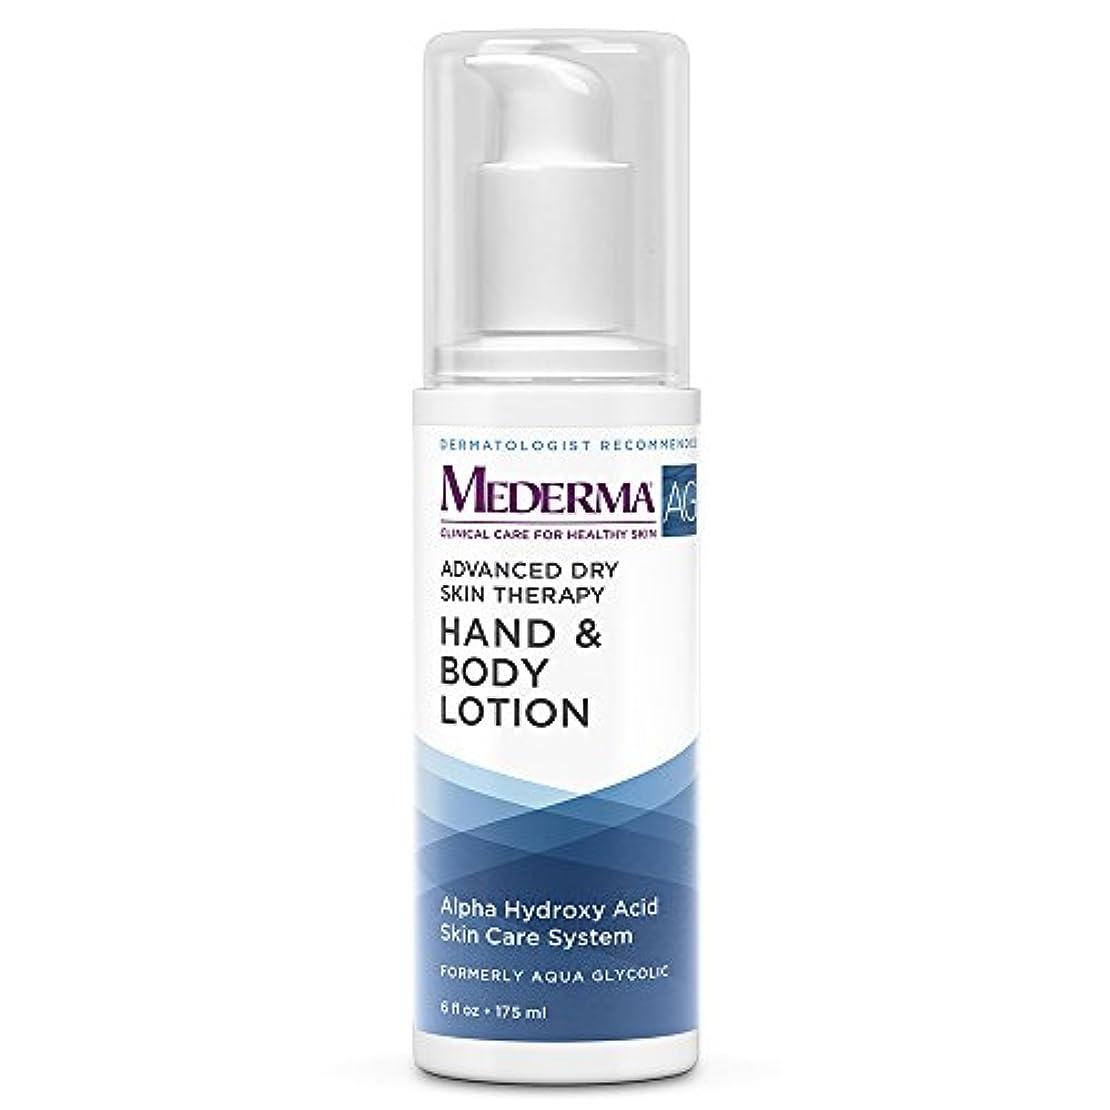 テーマ小屋見積りMederma AG モイスチャライジングハンド&ボディローション - グリコール酸で水分を維持し、ゆっくりと乾燥を削除するには、Sunが損傷した皮膚細胞 - 皮膚科医推奨ブランド - 無香料 - 6オンス